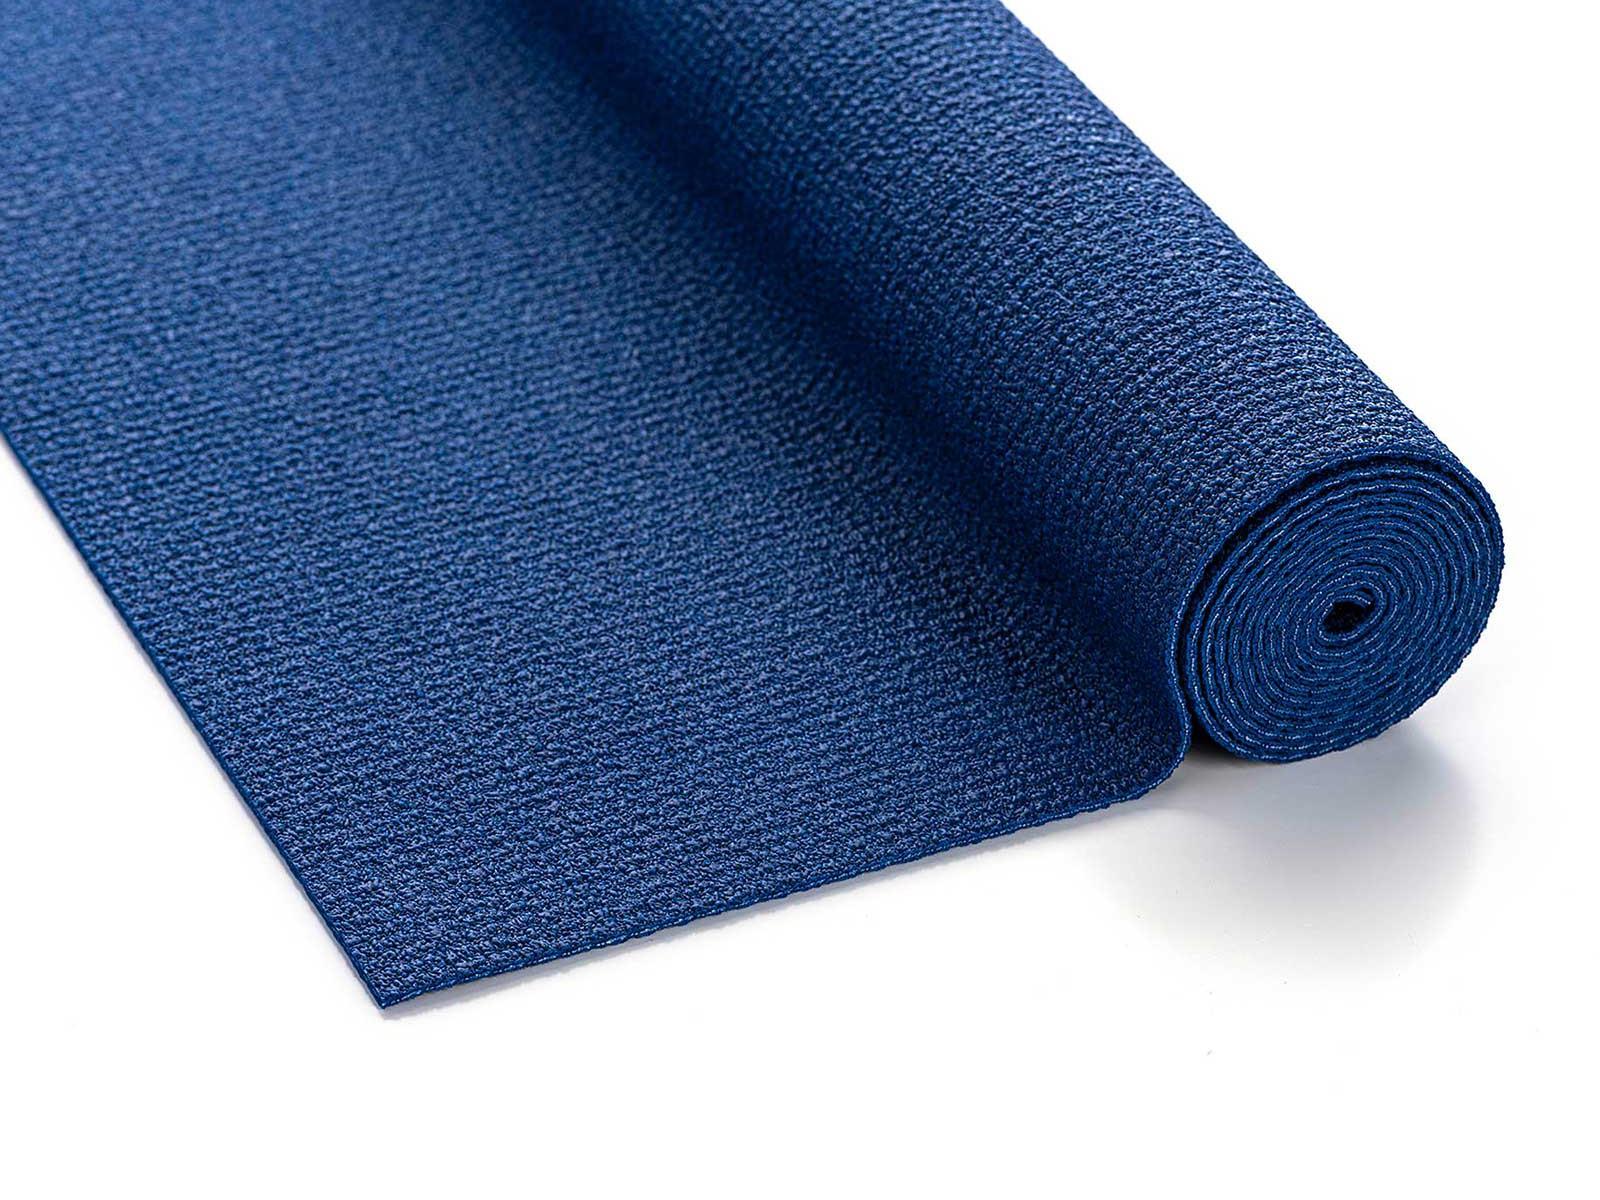 Kurma Spezial Dark Blue